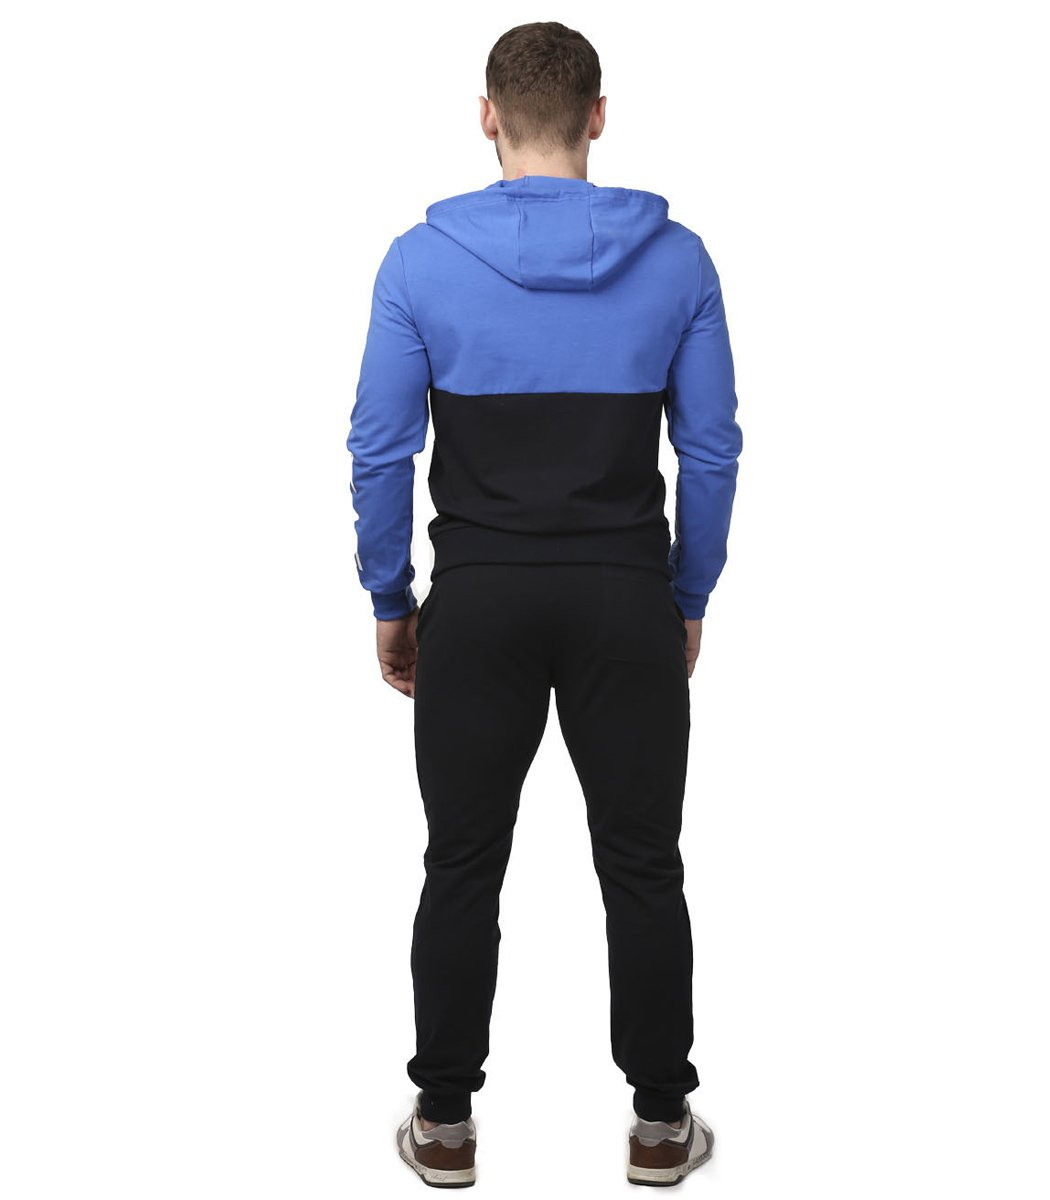 Спортивный костюм с капюшоном EA7 (голубой/темно-синий)